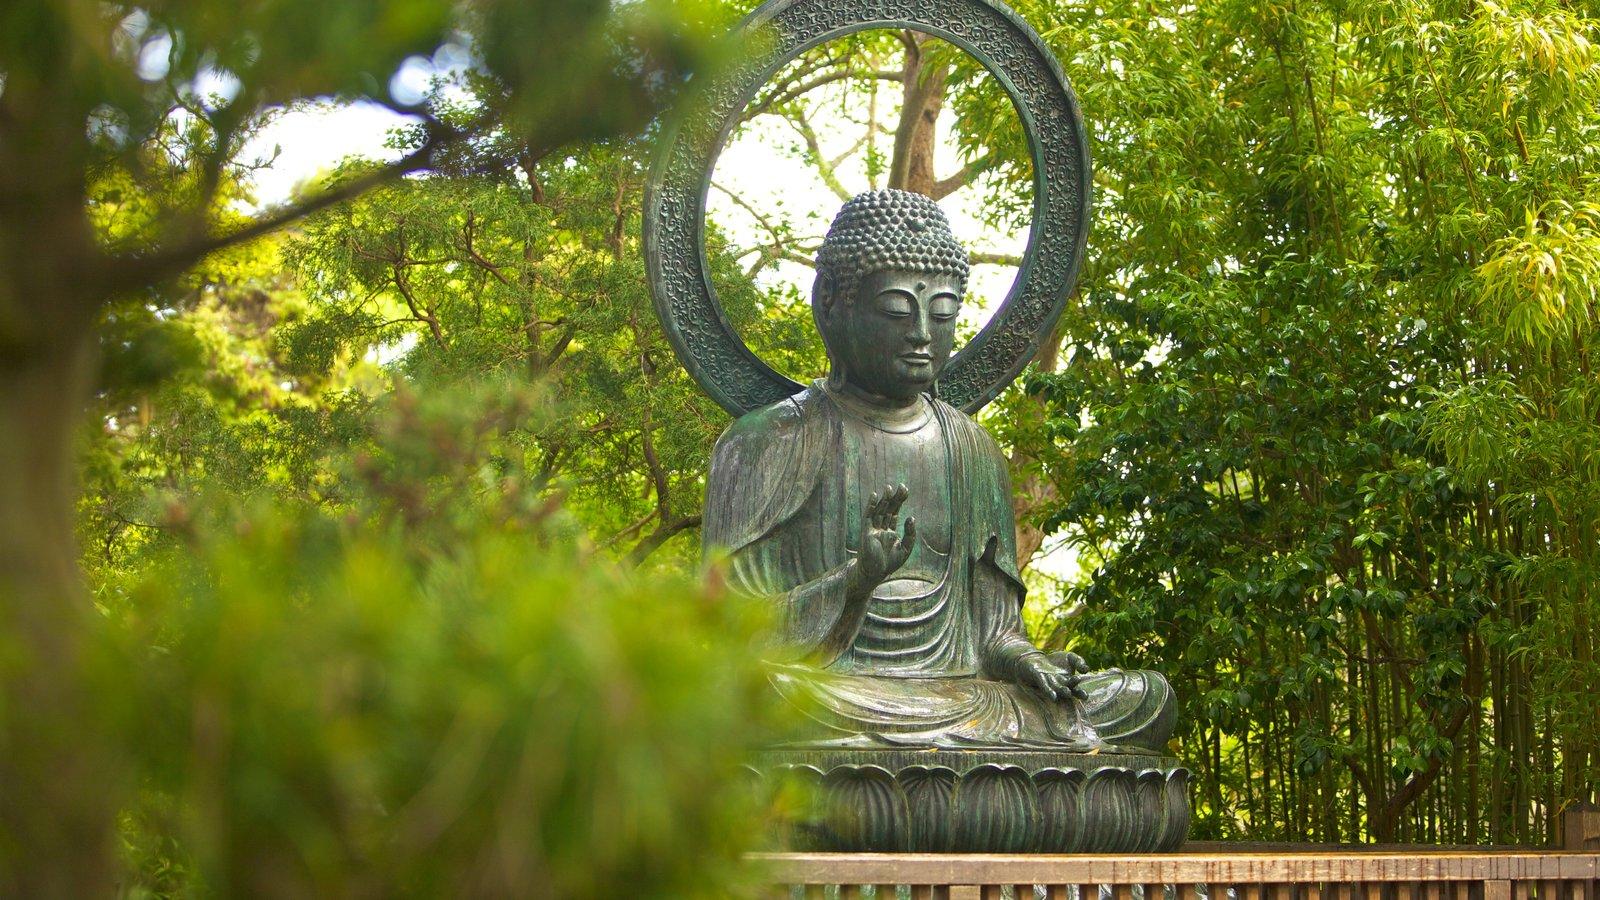 Japanese Tea Garden caracterizando elementos religiosos, arte ao ar livre e um jardim